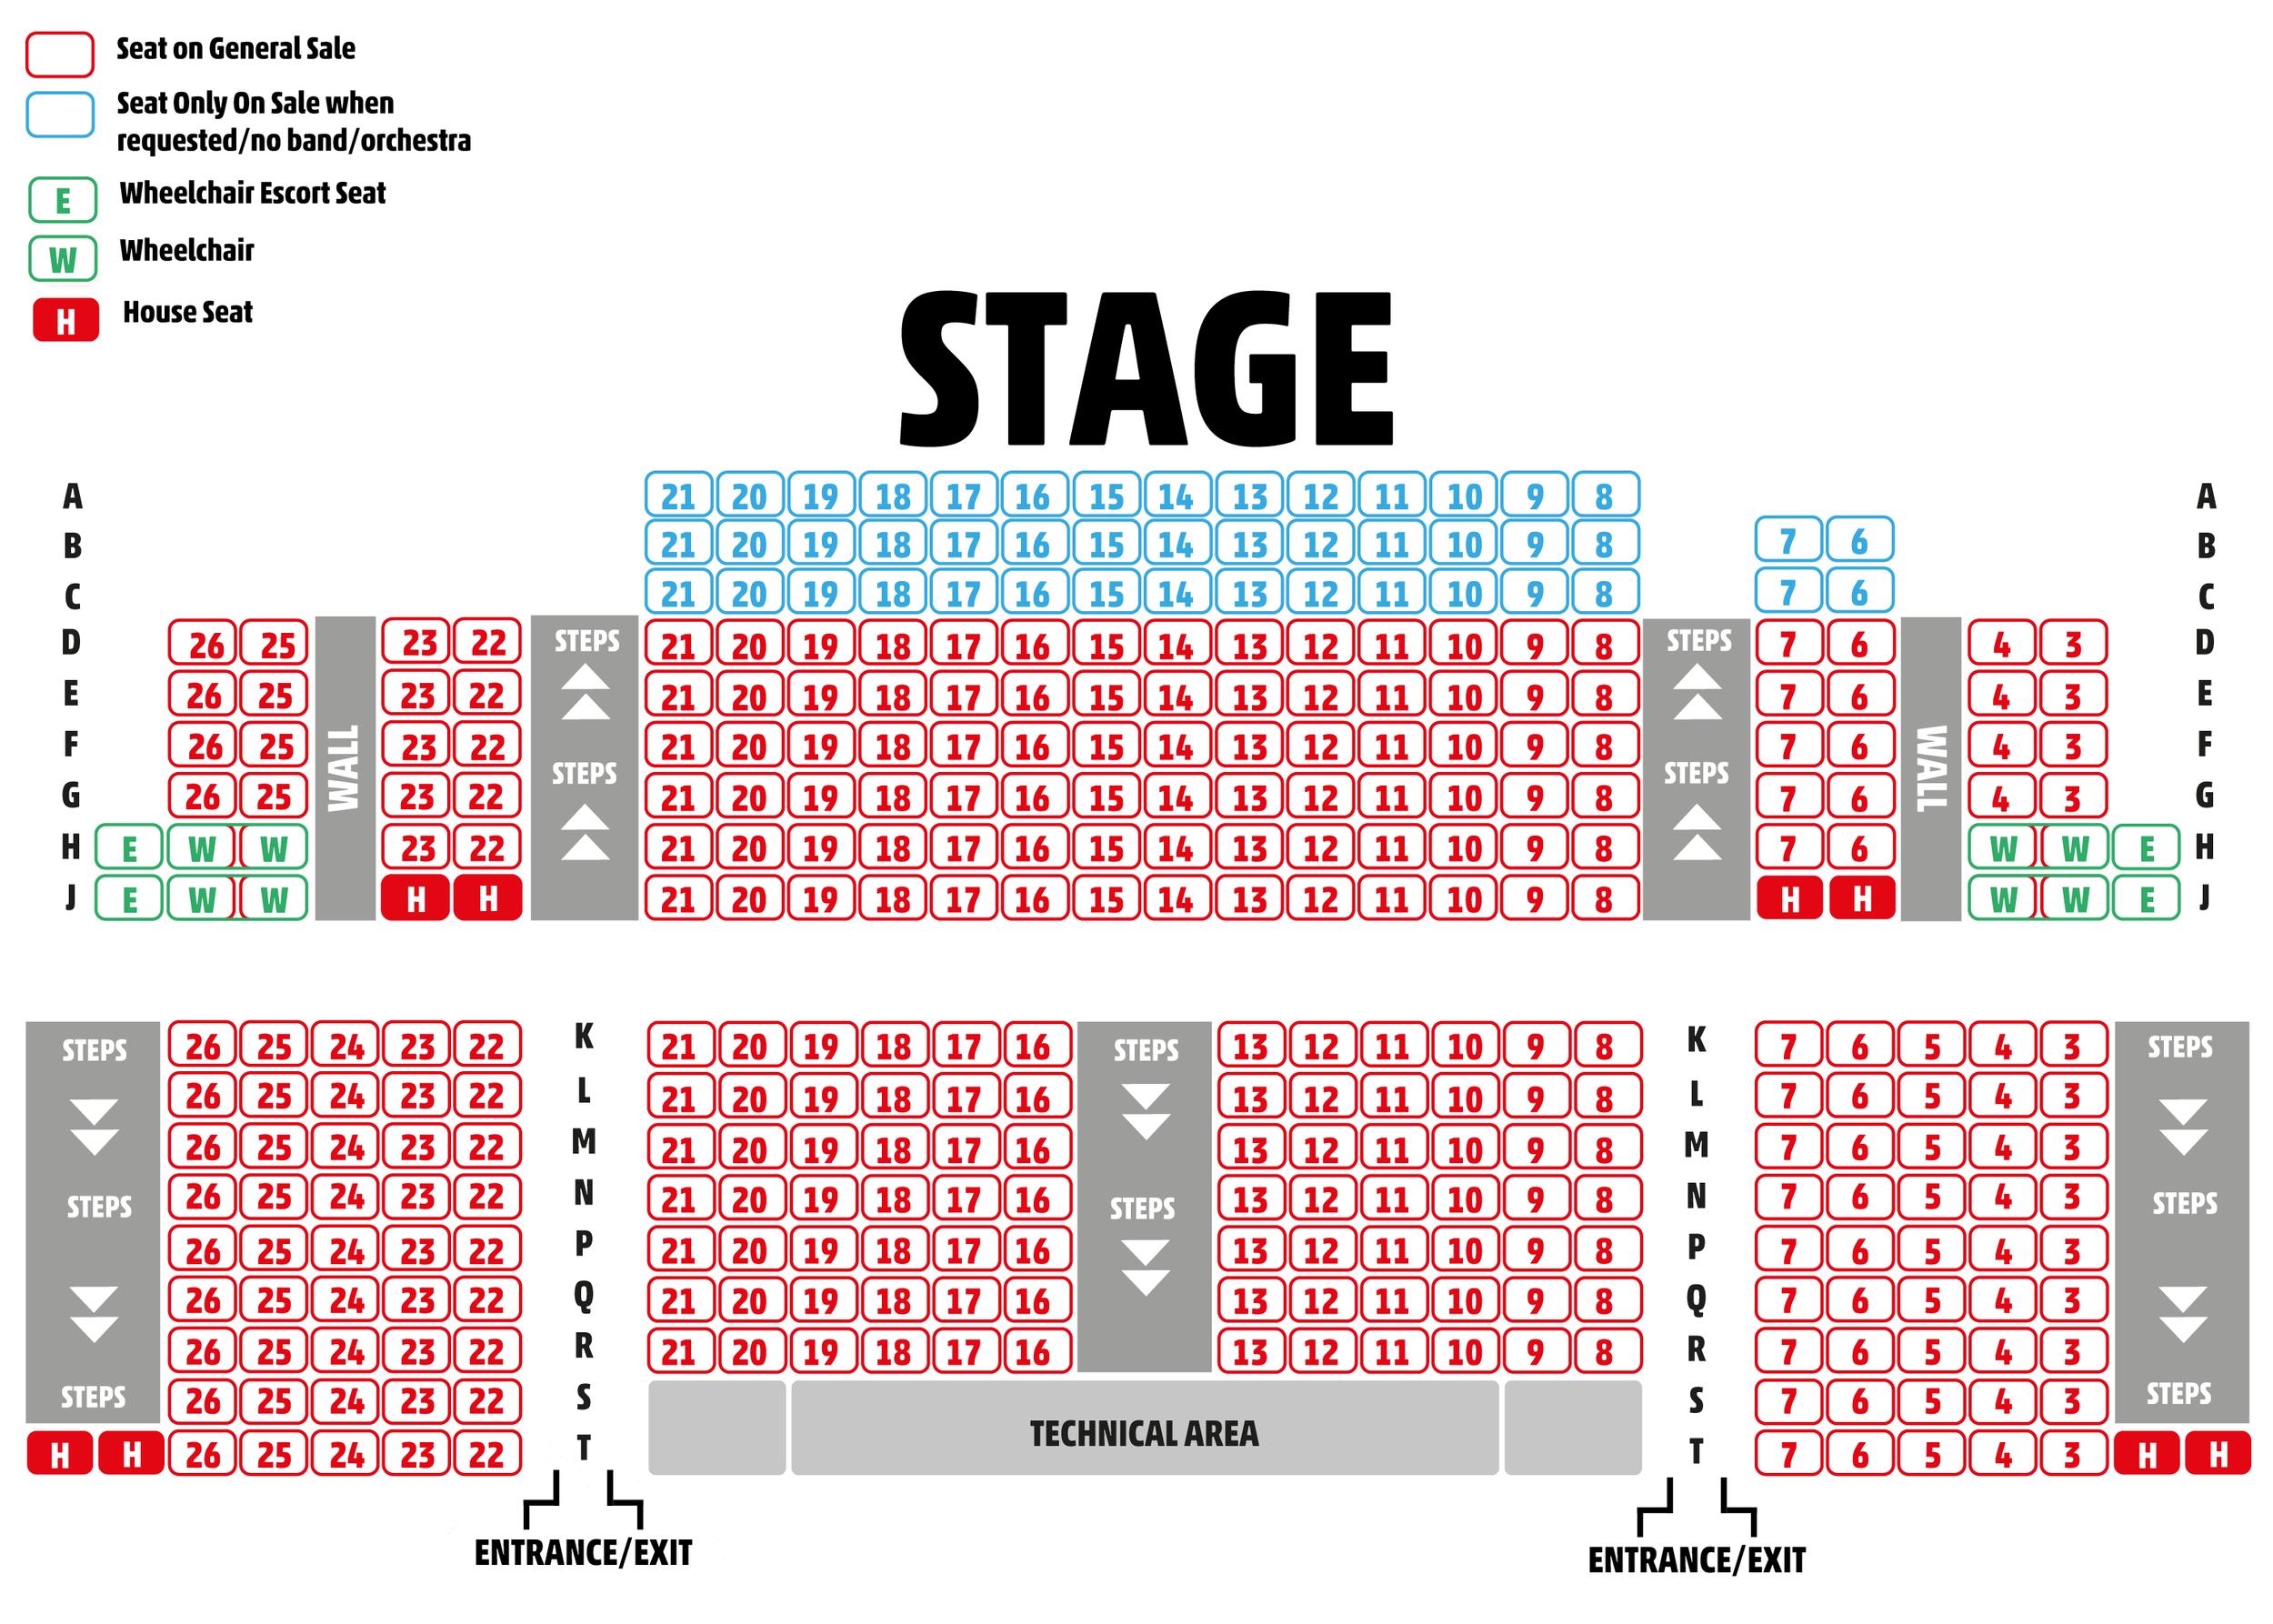 Seating Plan.png